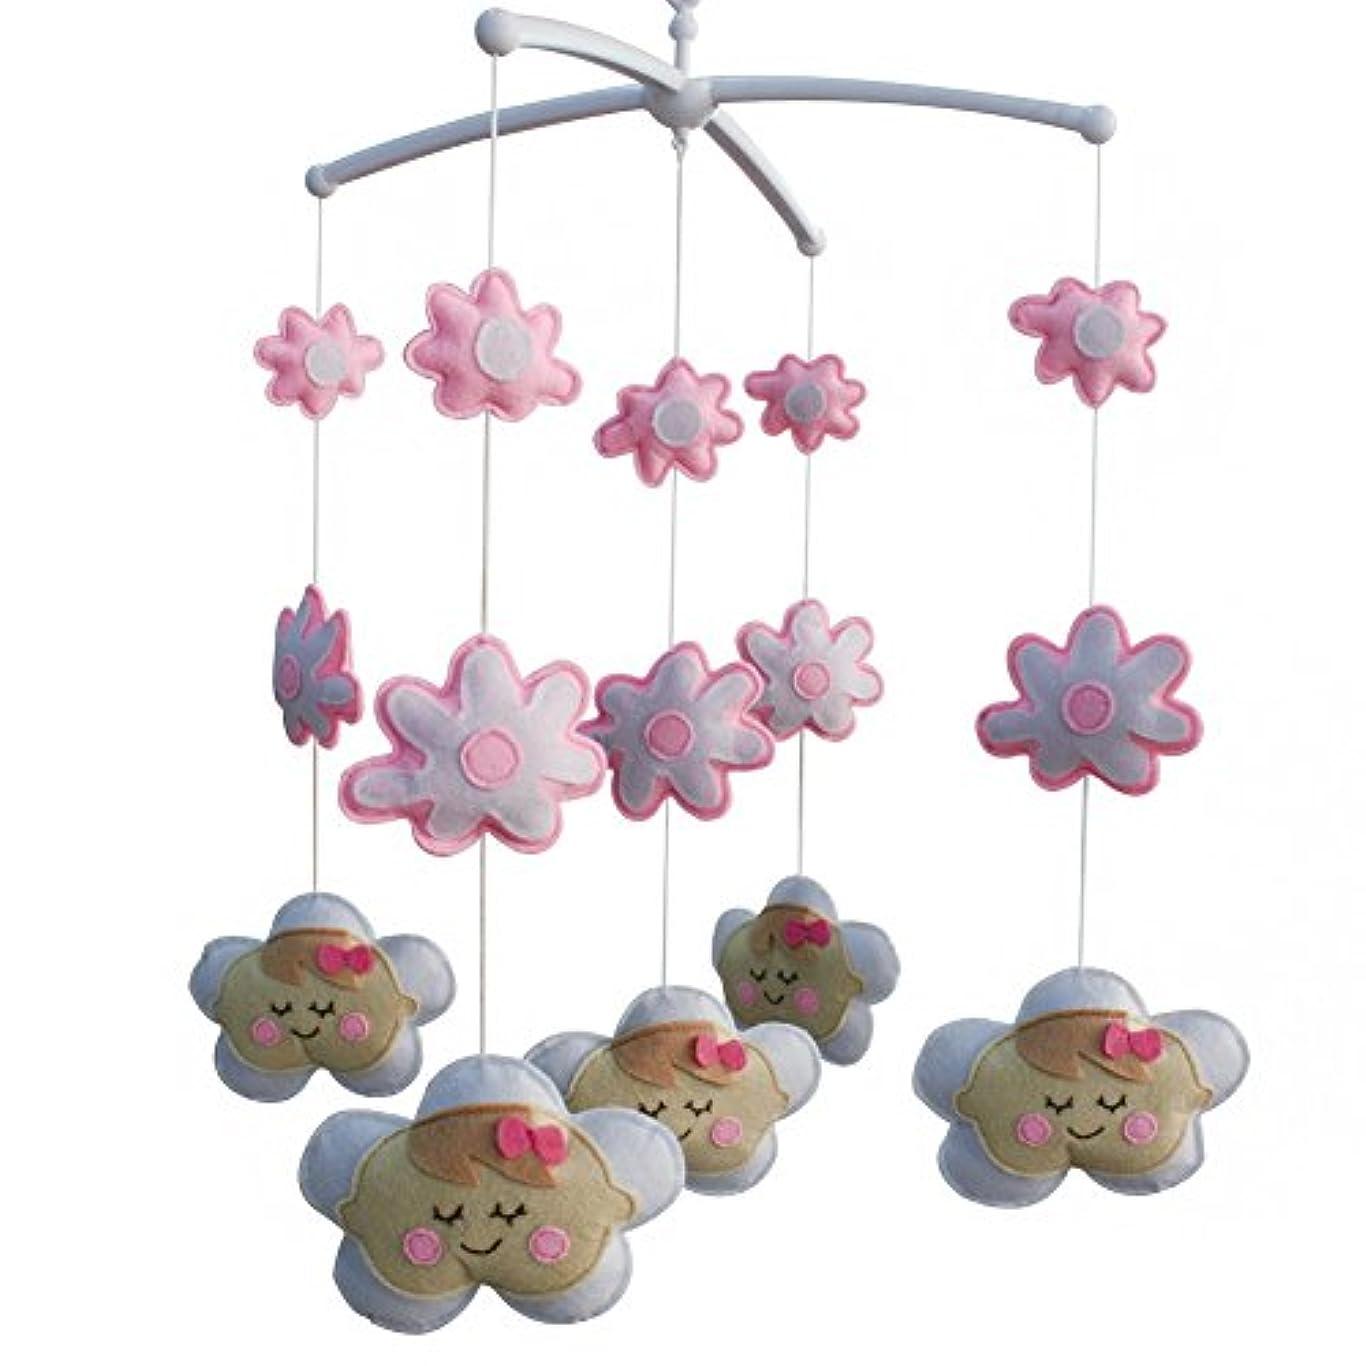 ヤギ伝統揺れる手作りの素敵なピンクの花の赤ん坊のまぐさ桶のモバイル保育室の装飾女の子のためのミュージカルモバイルまぐさ桶のおもちゃ